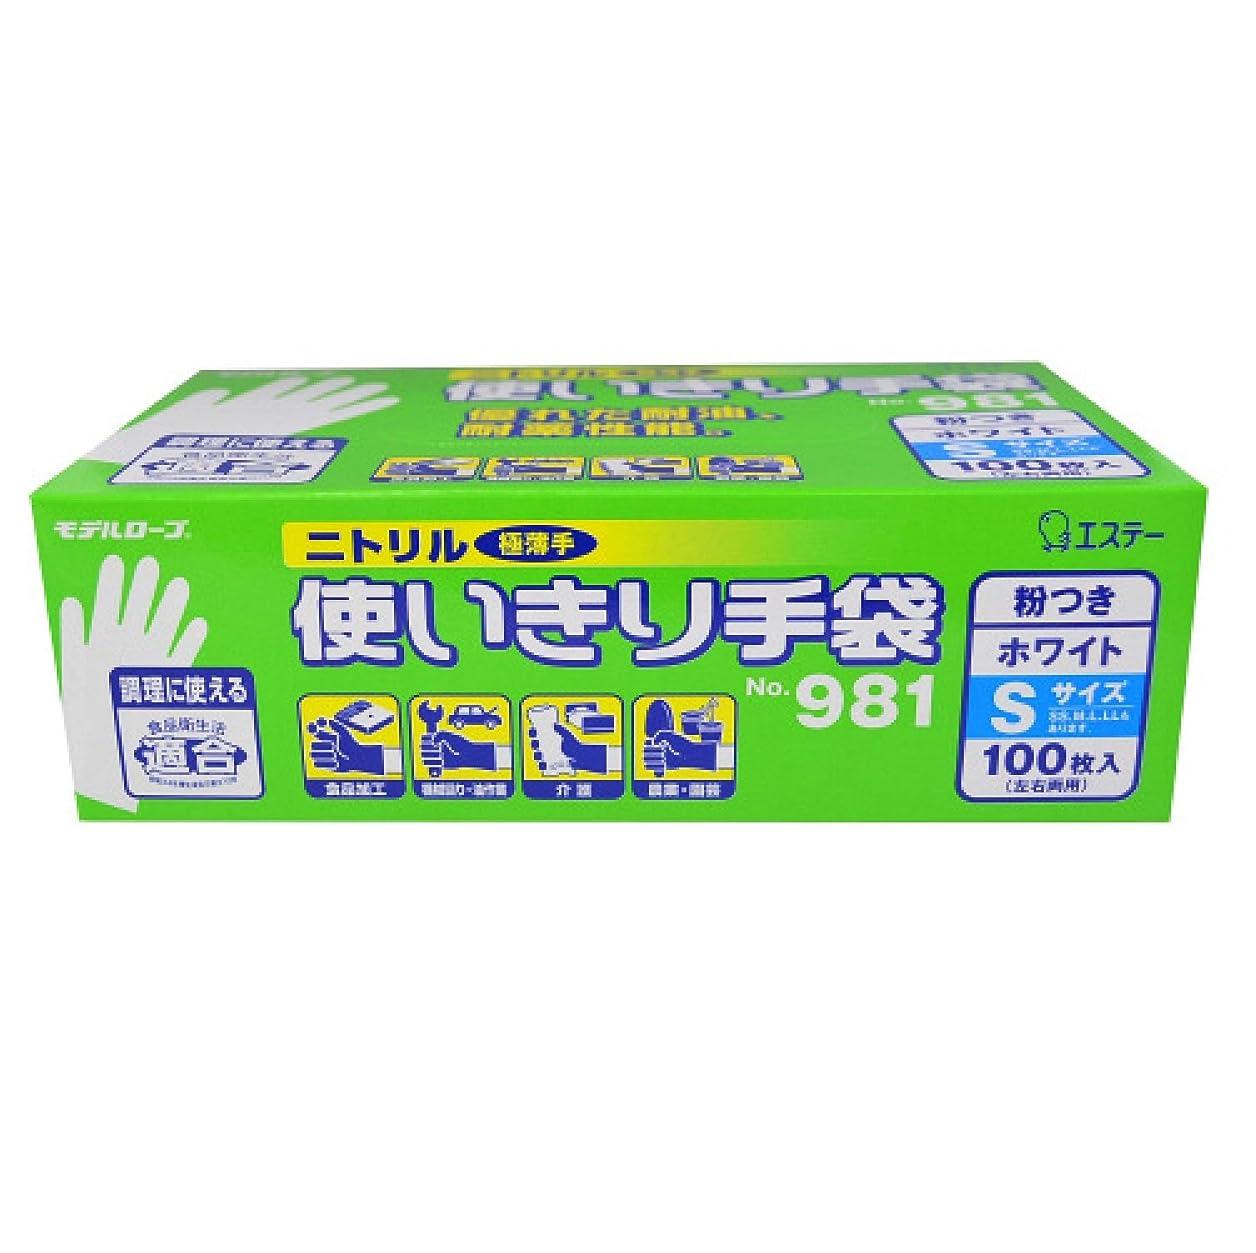 動ブル作業エステー/ニトリル使いきり手袋 箱入 (粉つき) [100枚入]/品番:981 サイズ:L カラー:ブルー